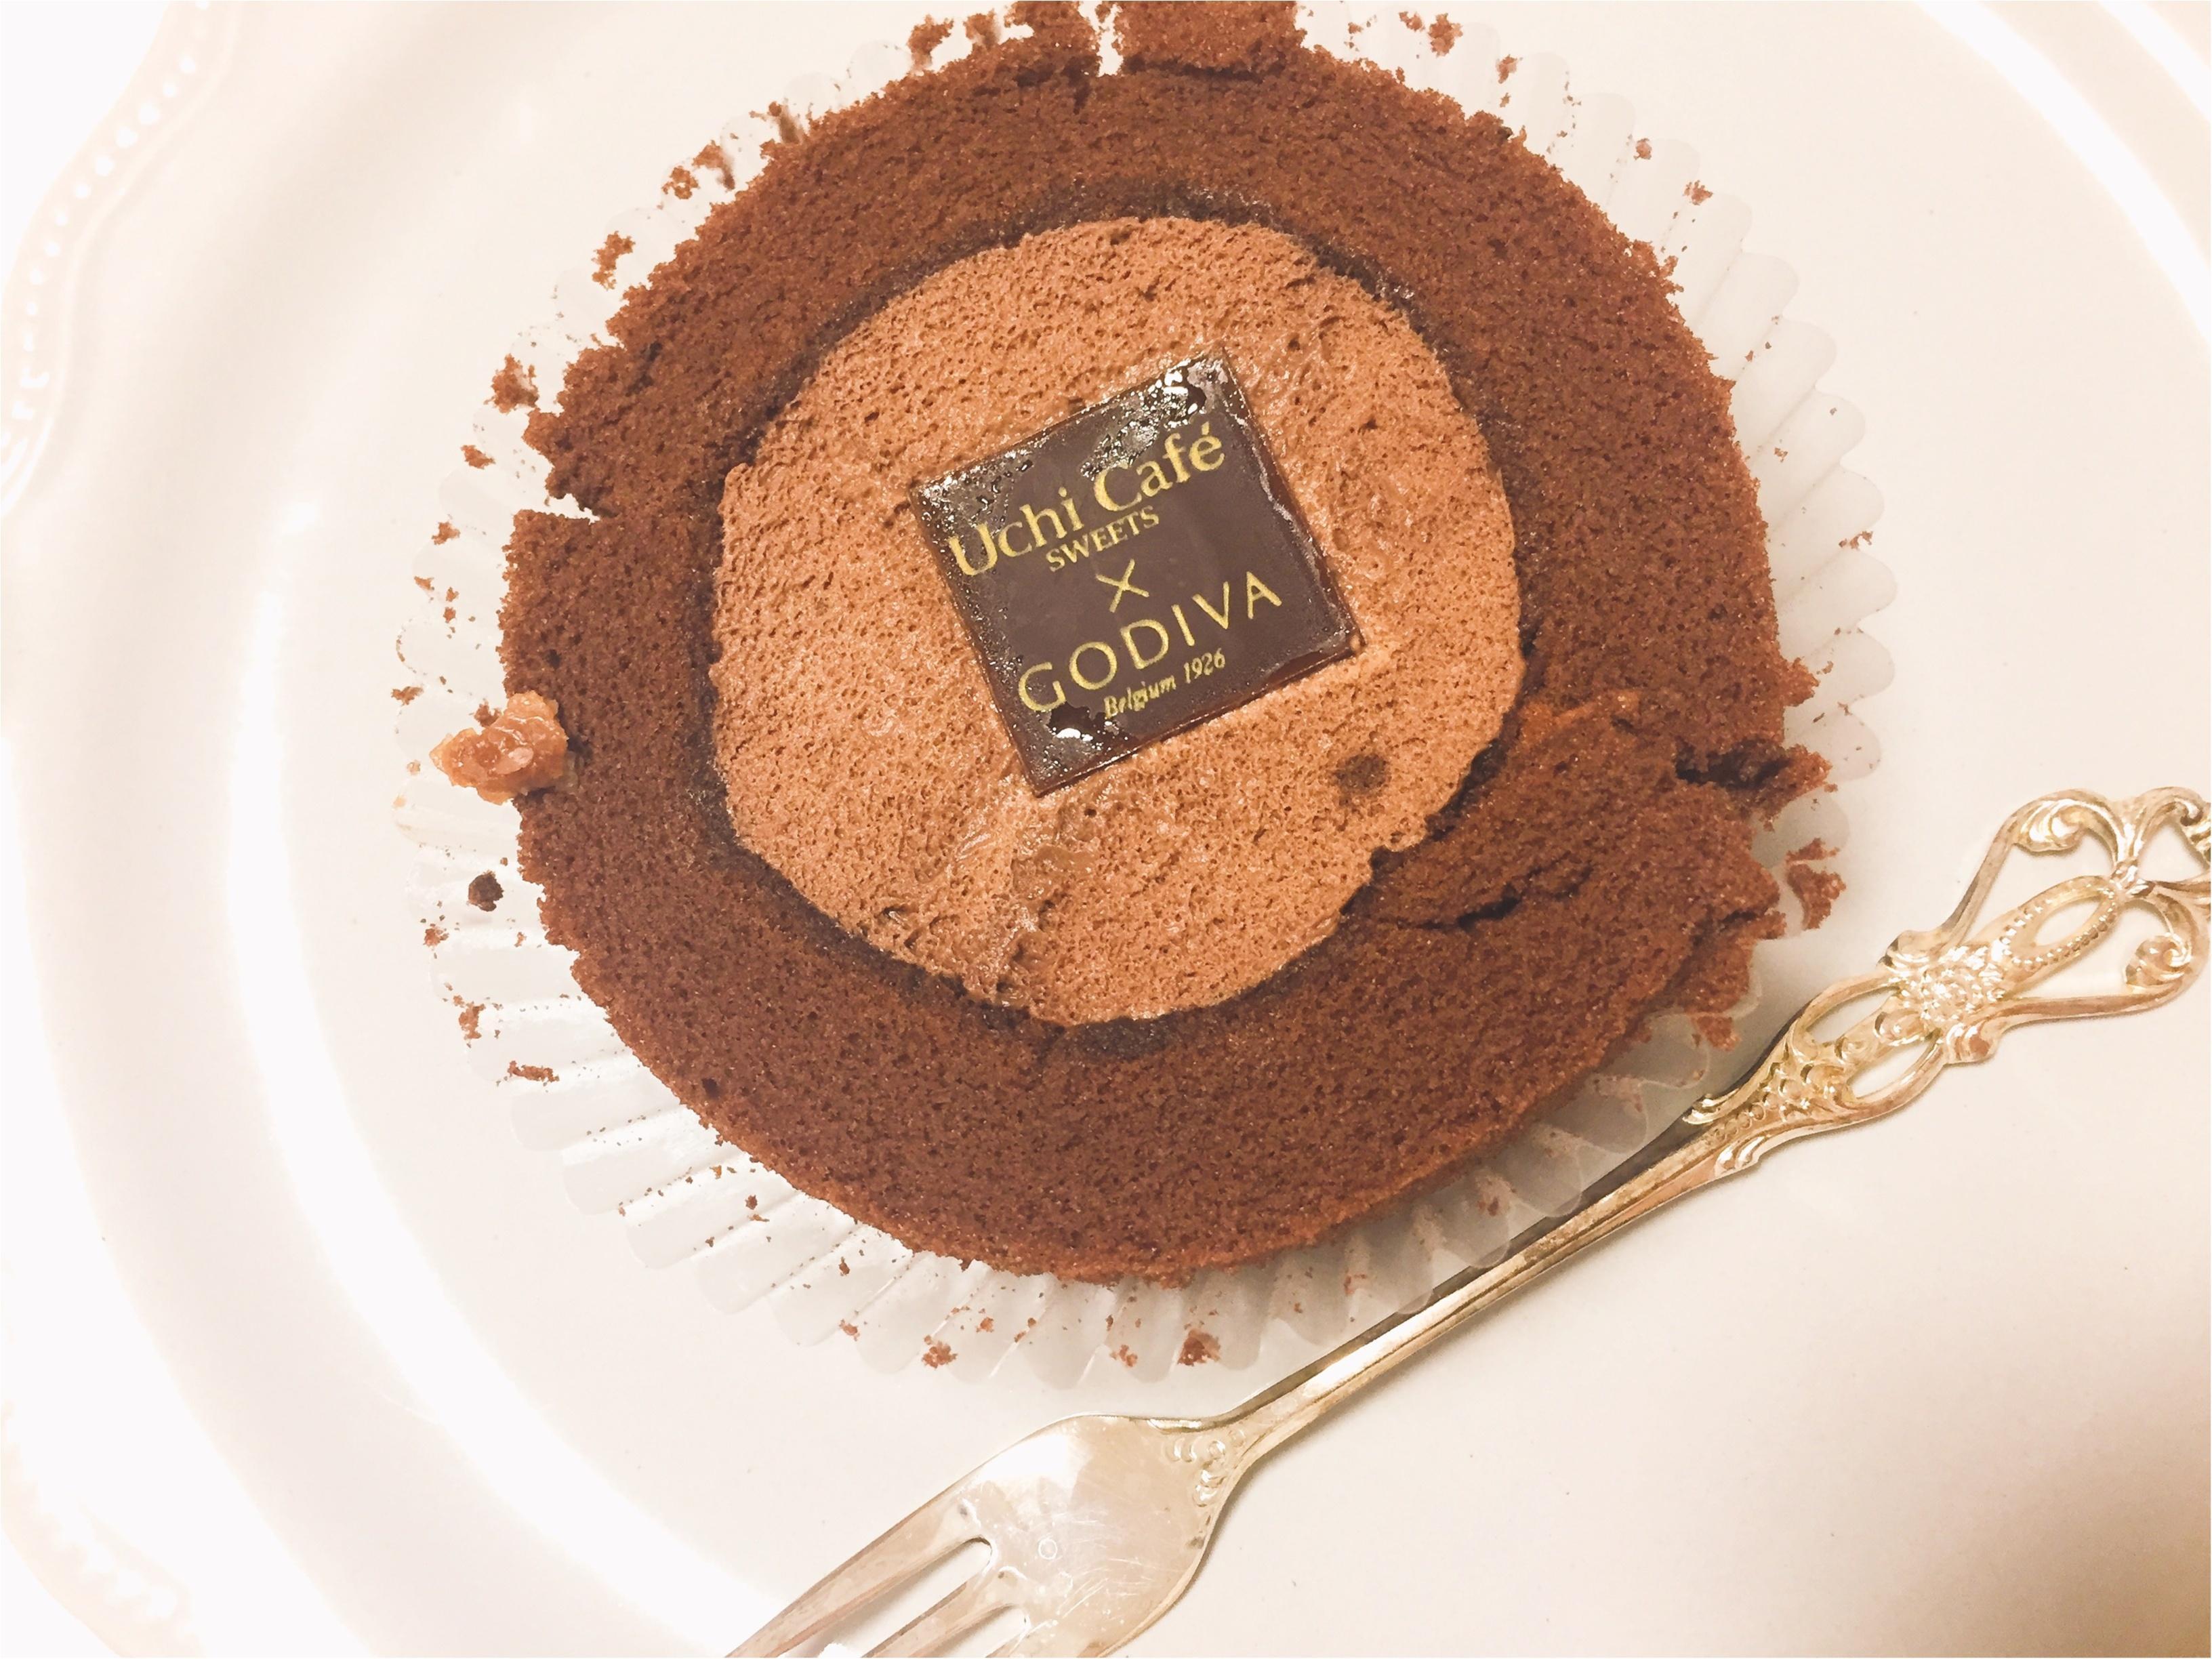 数量限定!ローソンとGODIVAコラボのショコラロールケーキは食べるしかない!!_2